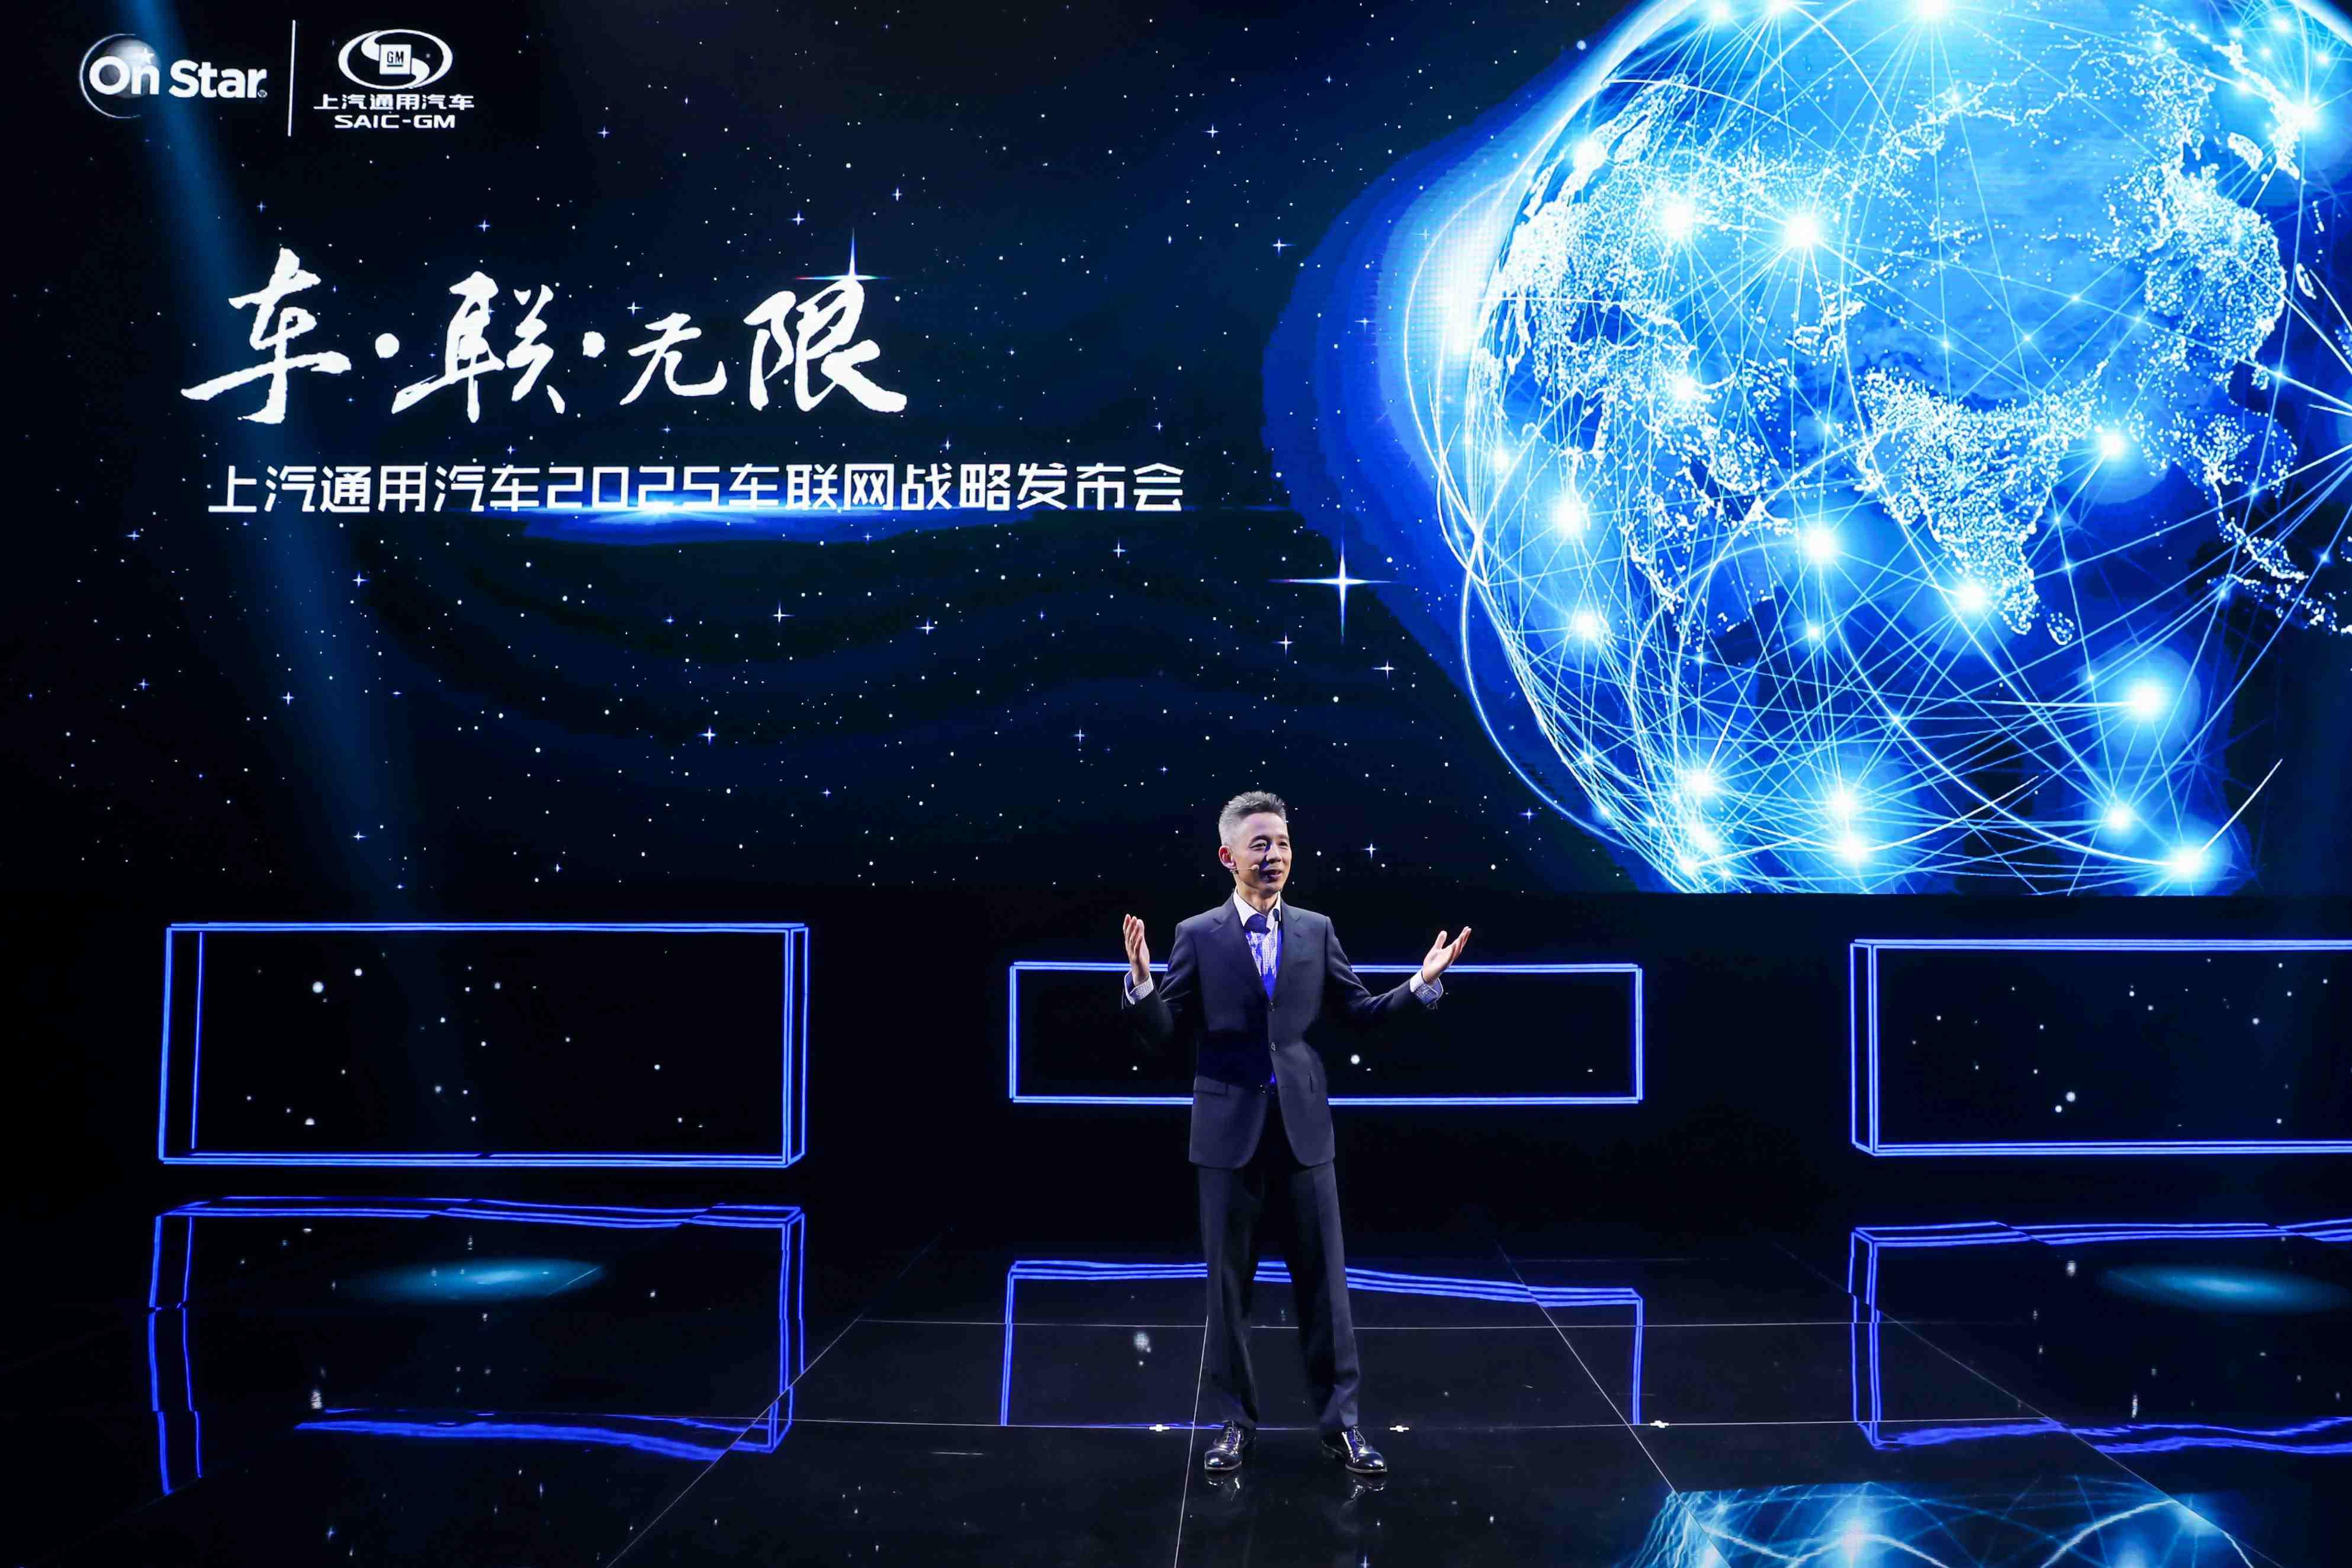 蒋昌建主持上汽通用汽车2025车联网战略发布会